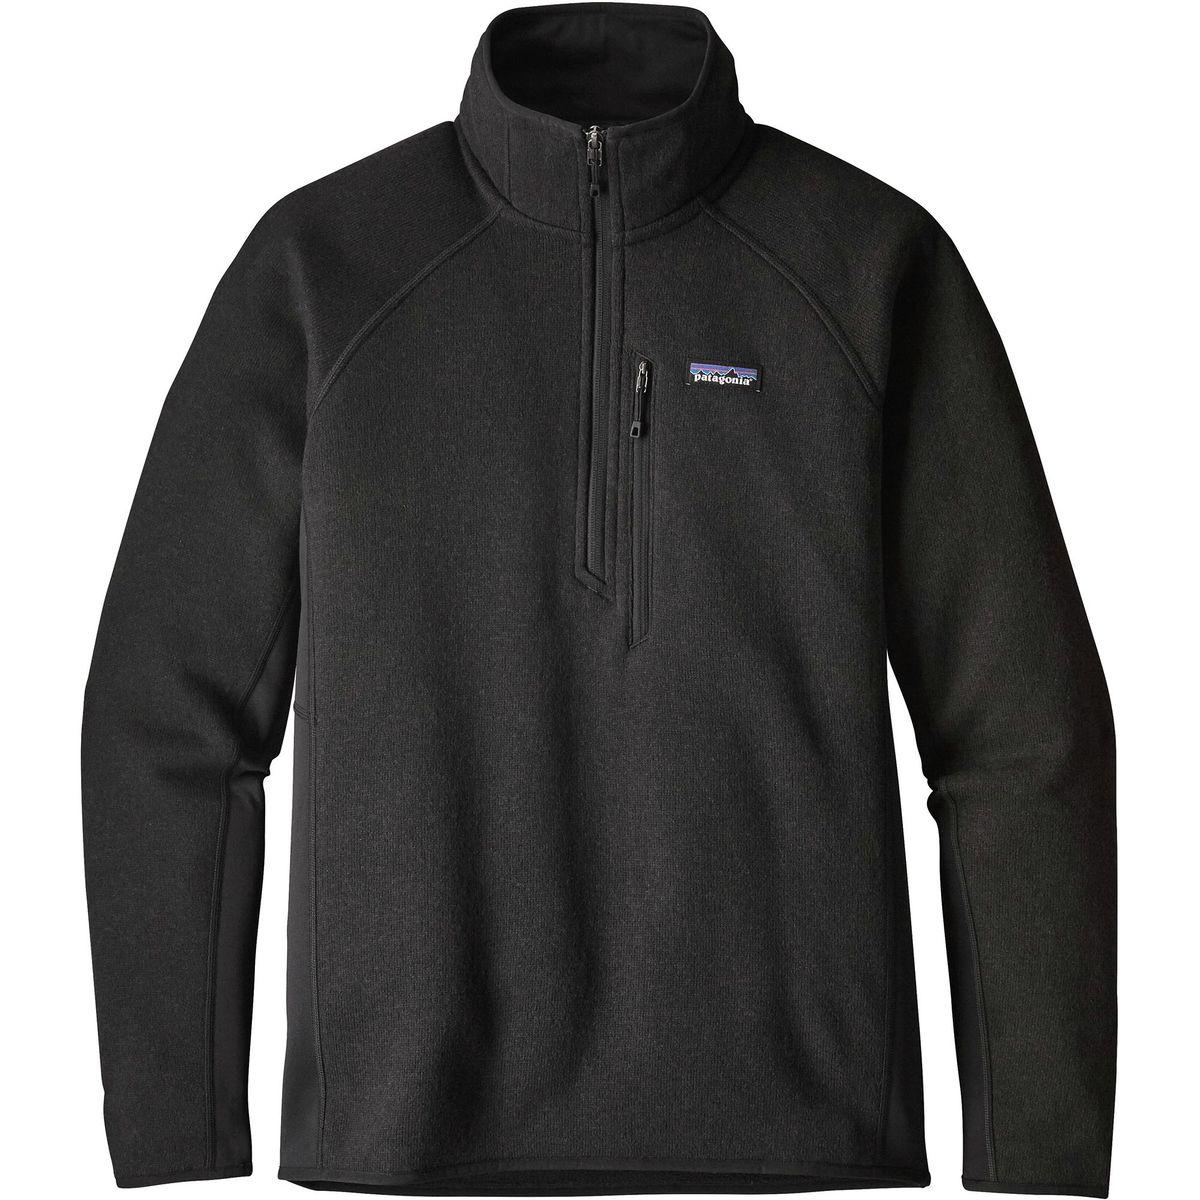 photo: Patagonia Performance Better Sweater 1/4-Zip fleece top